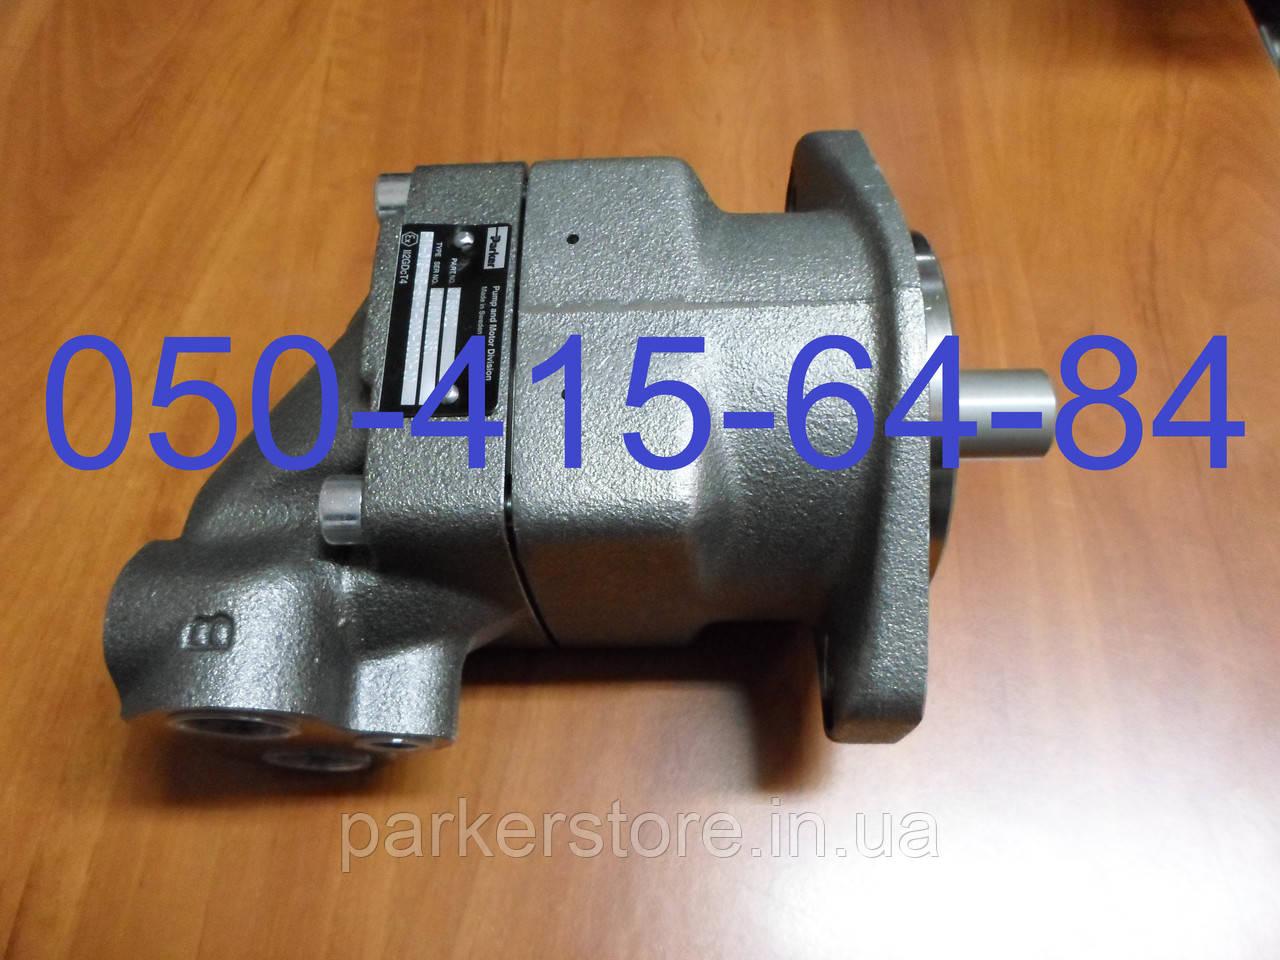 Гидромоторы Parker серии F11-006 по низкой цене от официального дистрибьютора в Украине